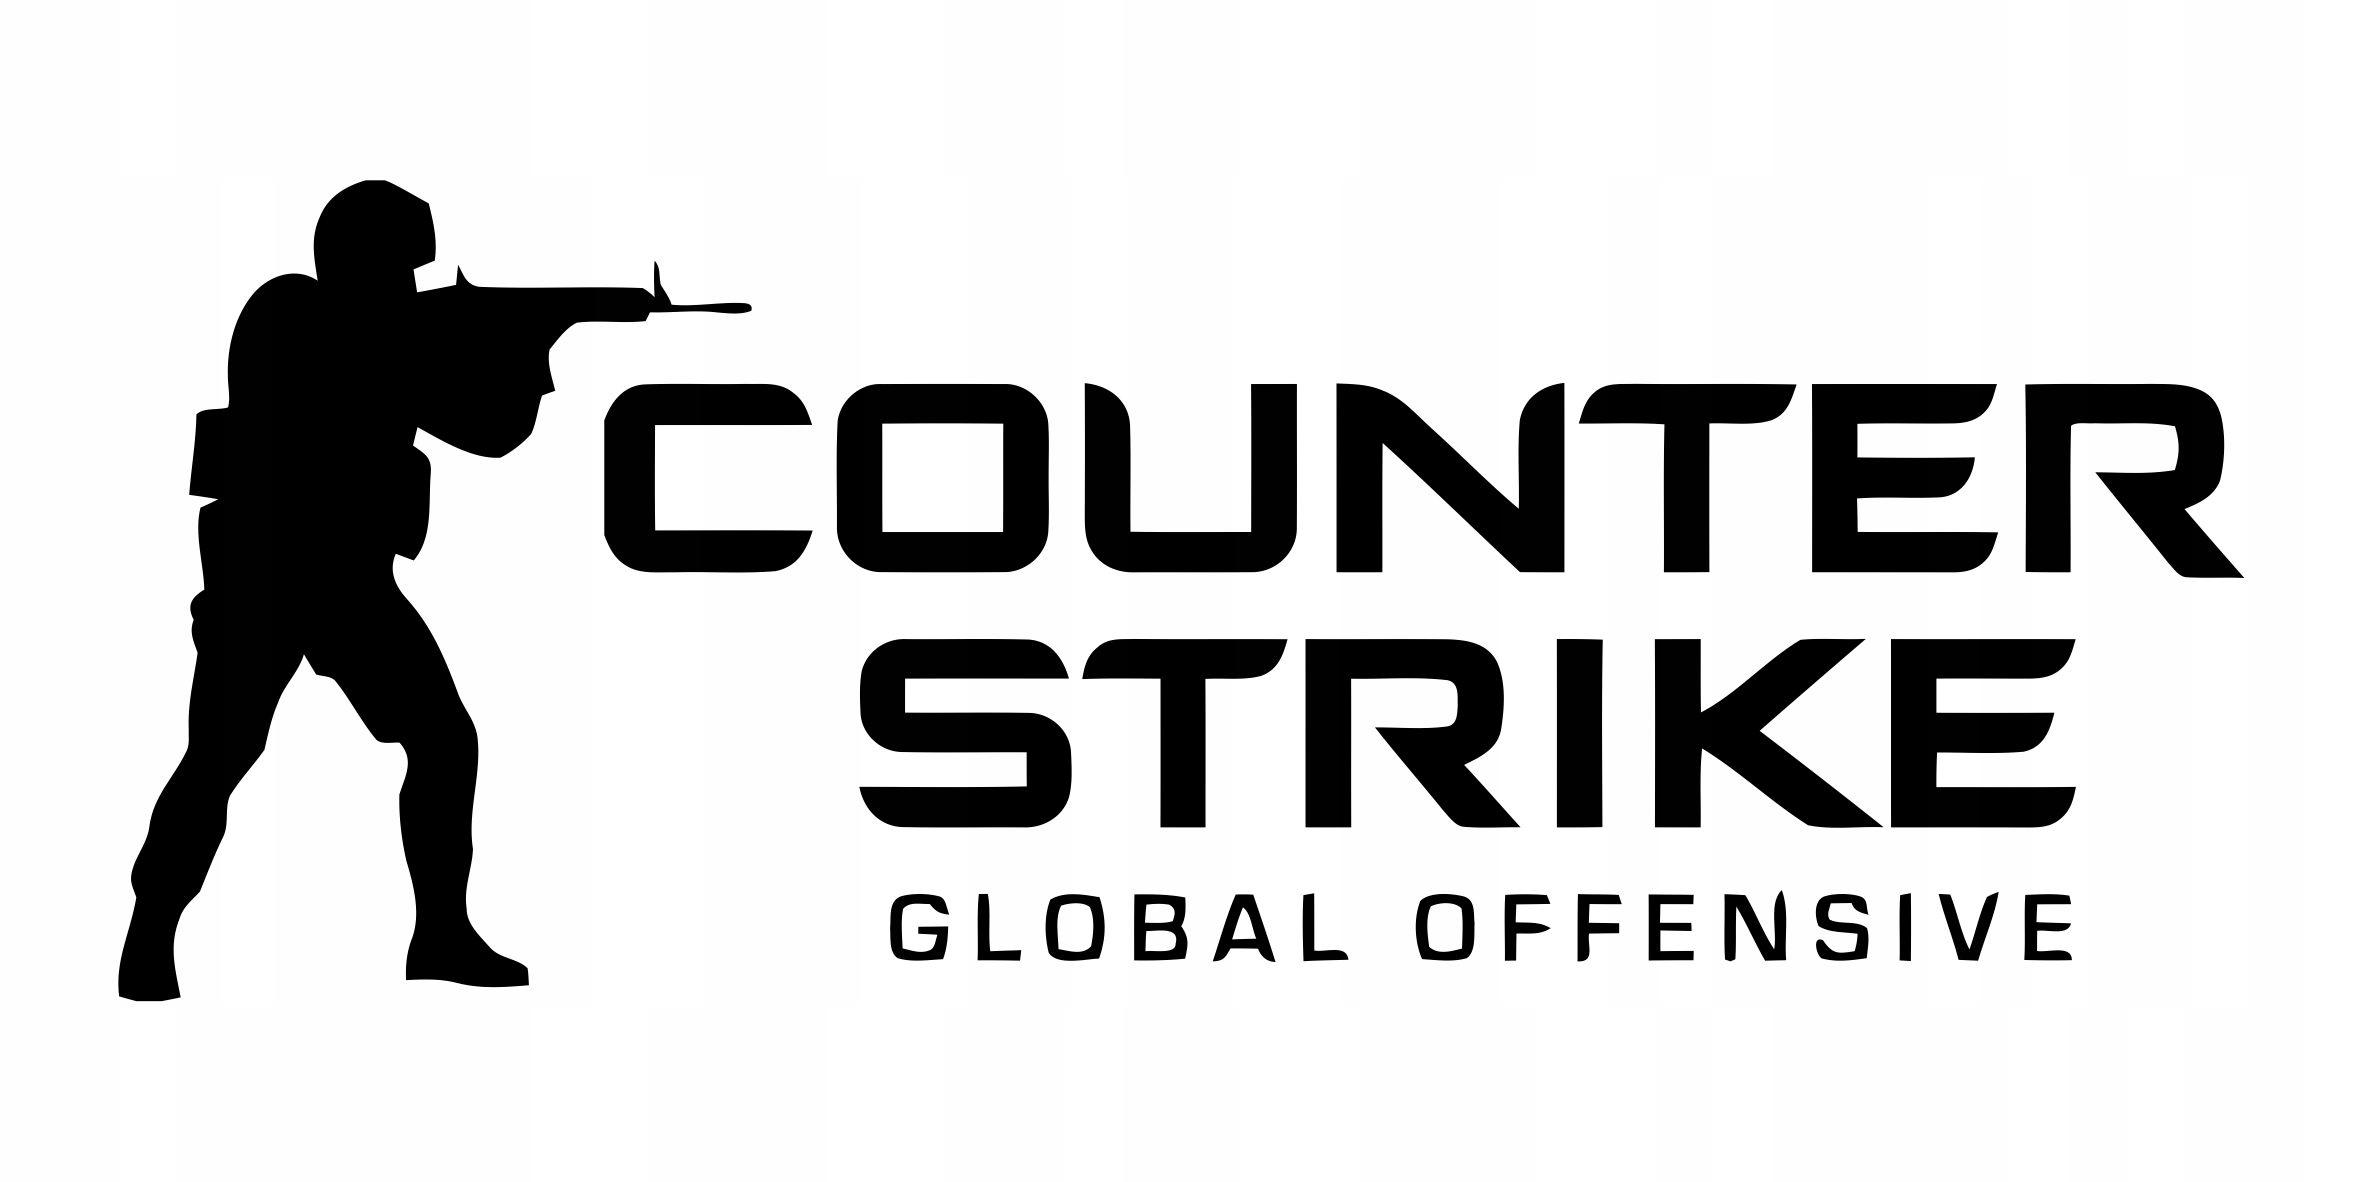 Naklejka Counter Strike Csgo Ksywka Gratis 1 8523036893 Allegro Pl